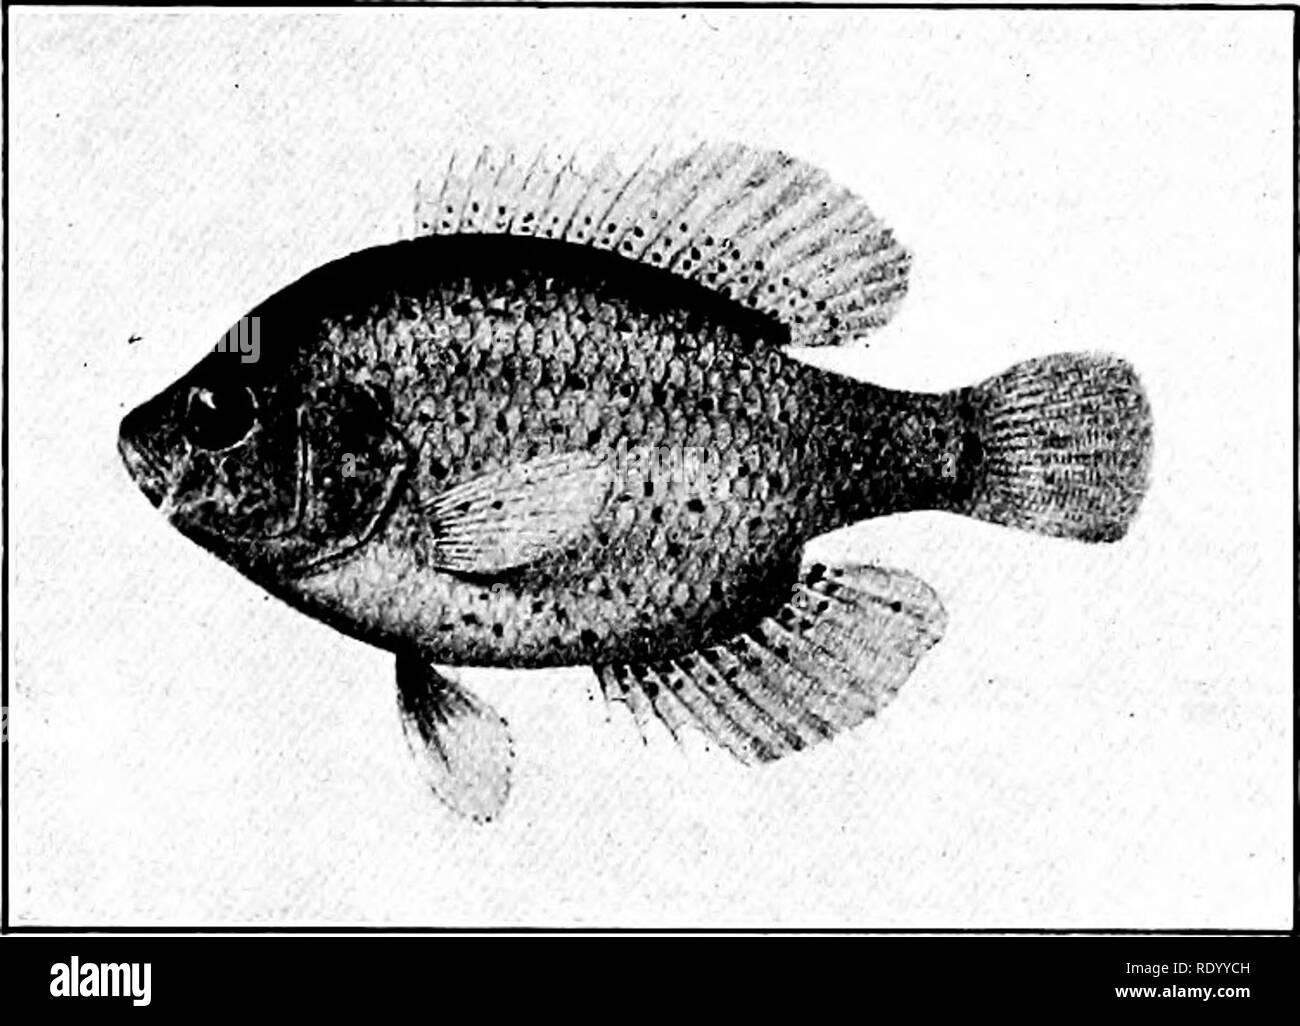 Aquarium Fish Home Black and White Stock Photos & Images - Alamy